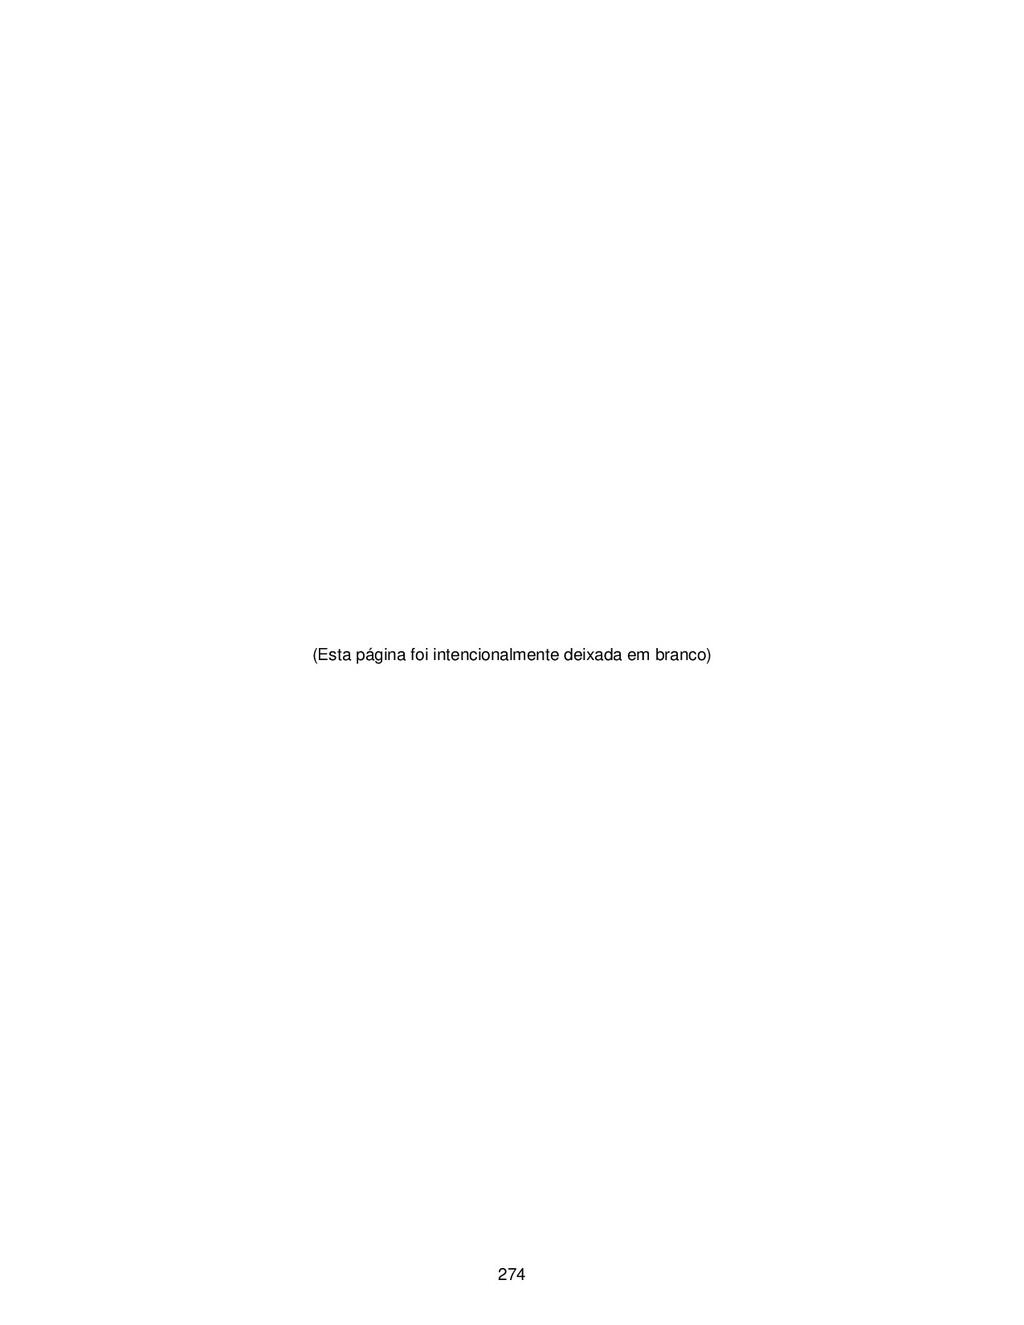 (Esta página foi intencionalmente deixada em br...